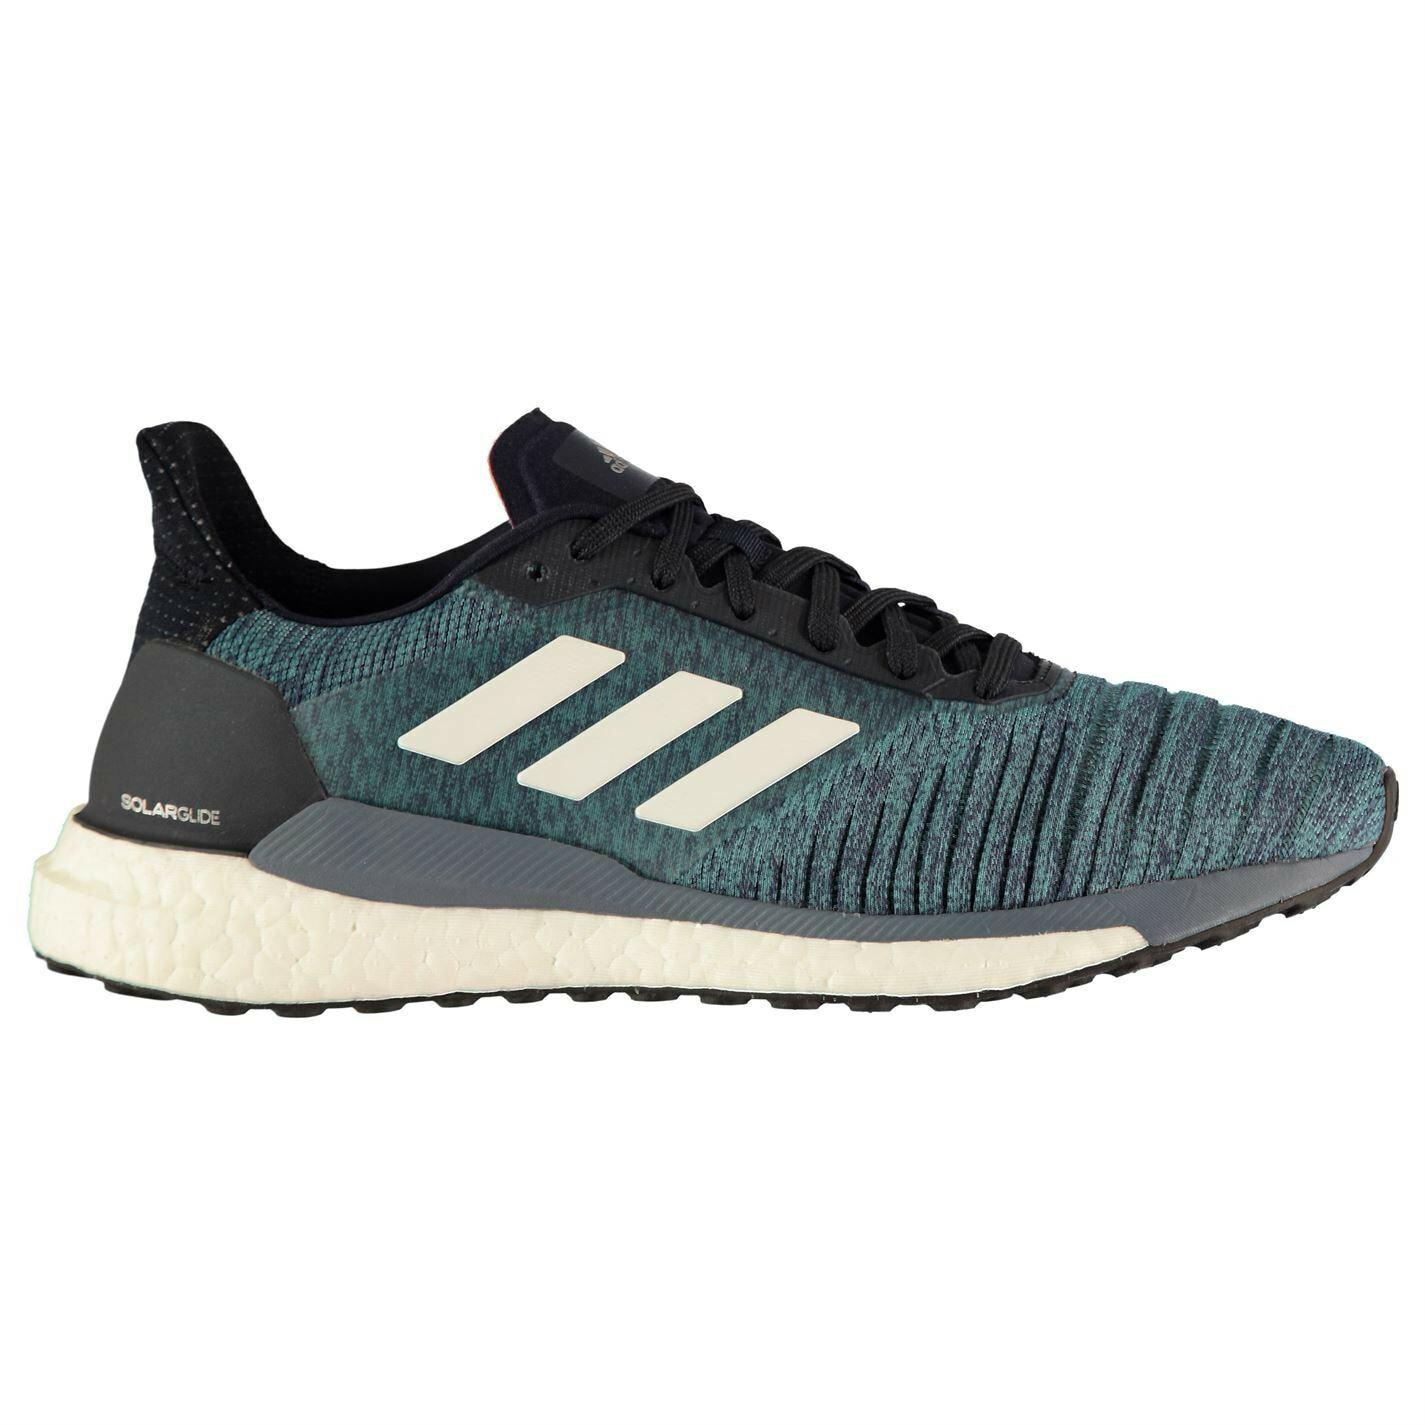 Zapatillas sin cordones New Balance zapatos deportivos para